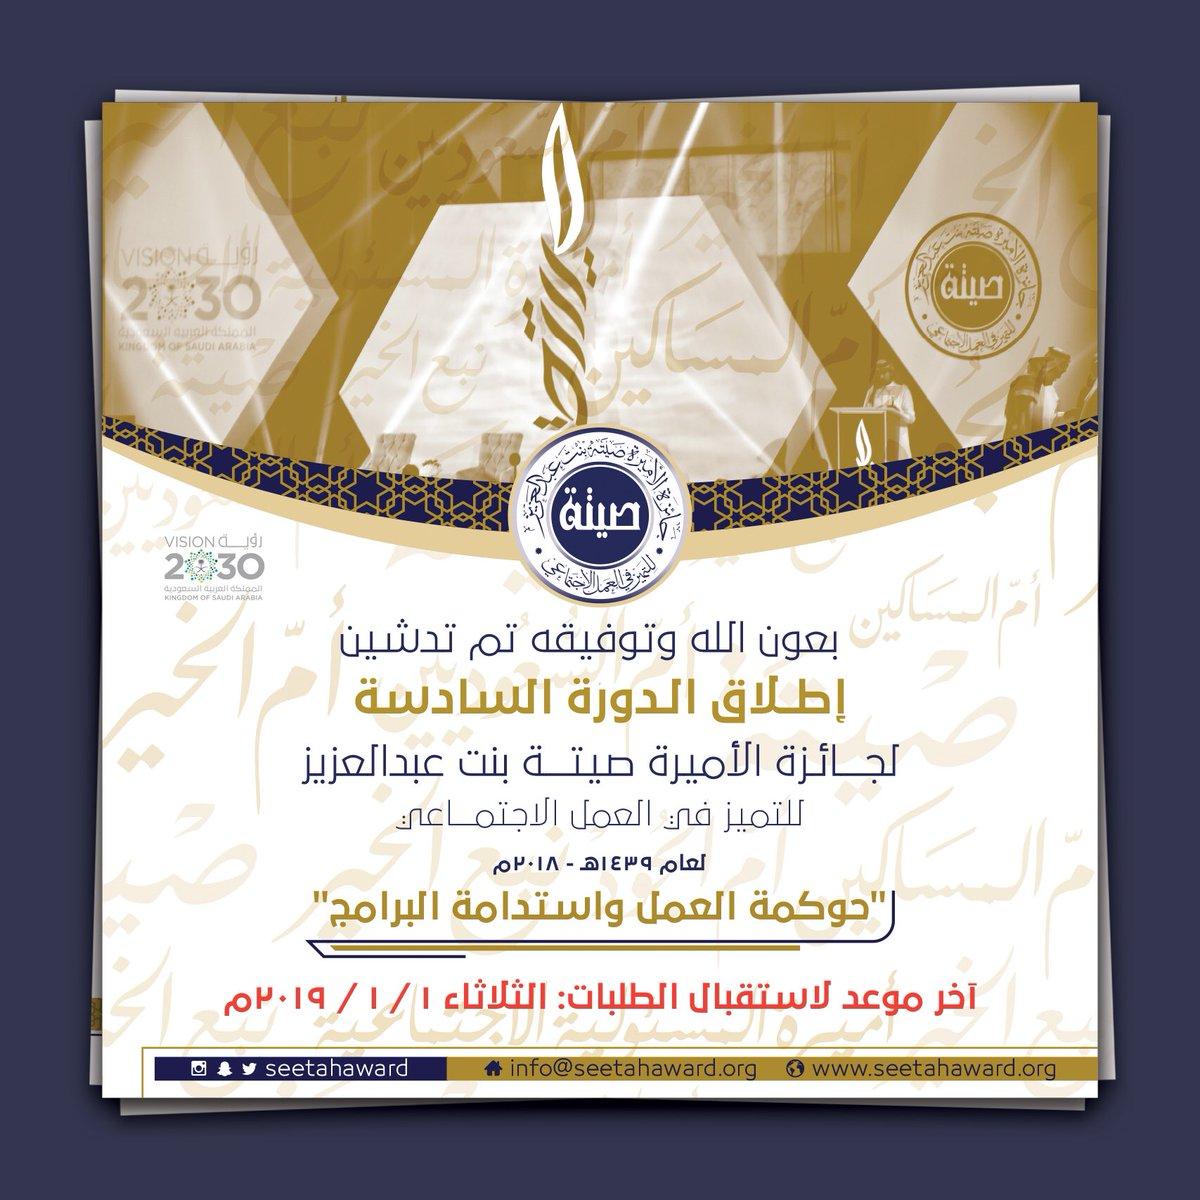 >يمكنكم التقديم على جائزة الأميرة صيتة بنت عبدالعزيز للتميز في العمل الاجتماعي من خلال الرابط